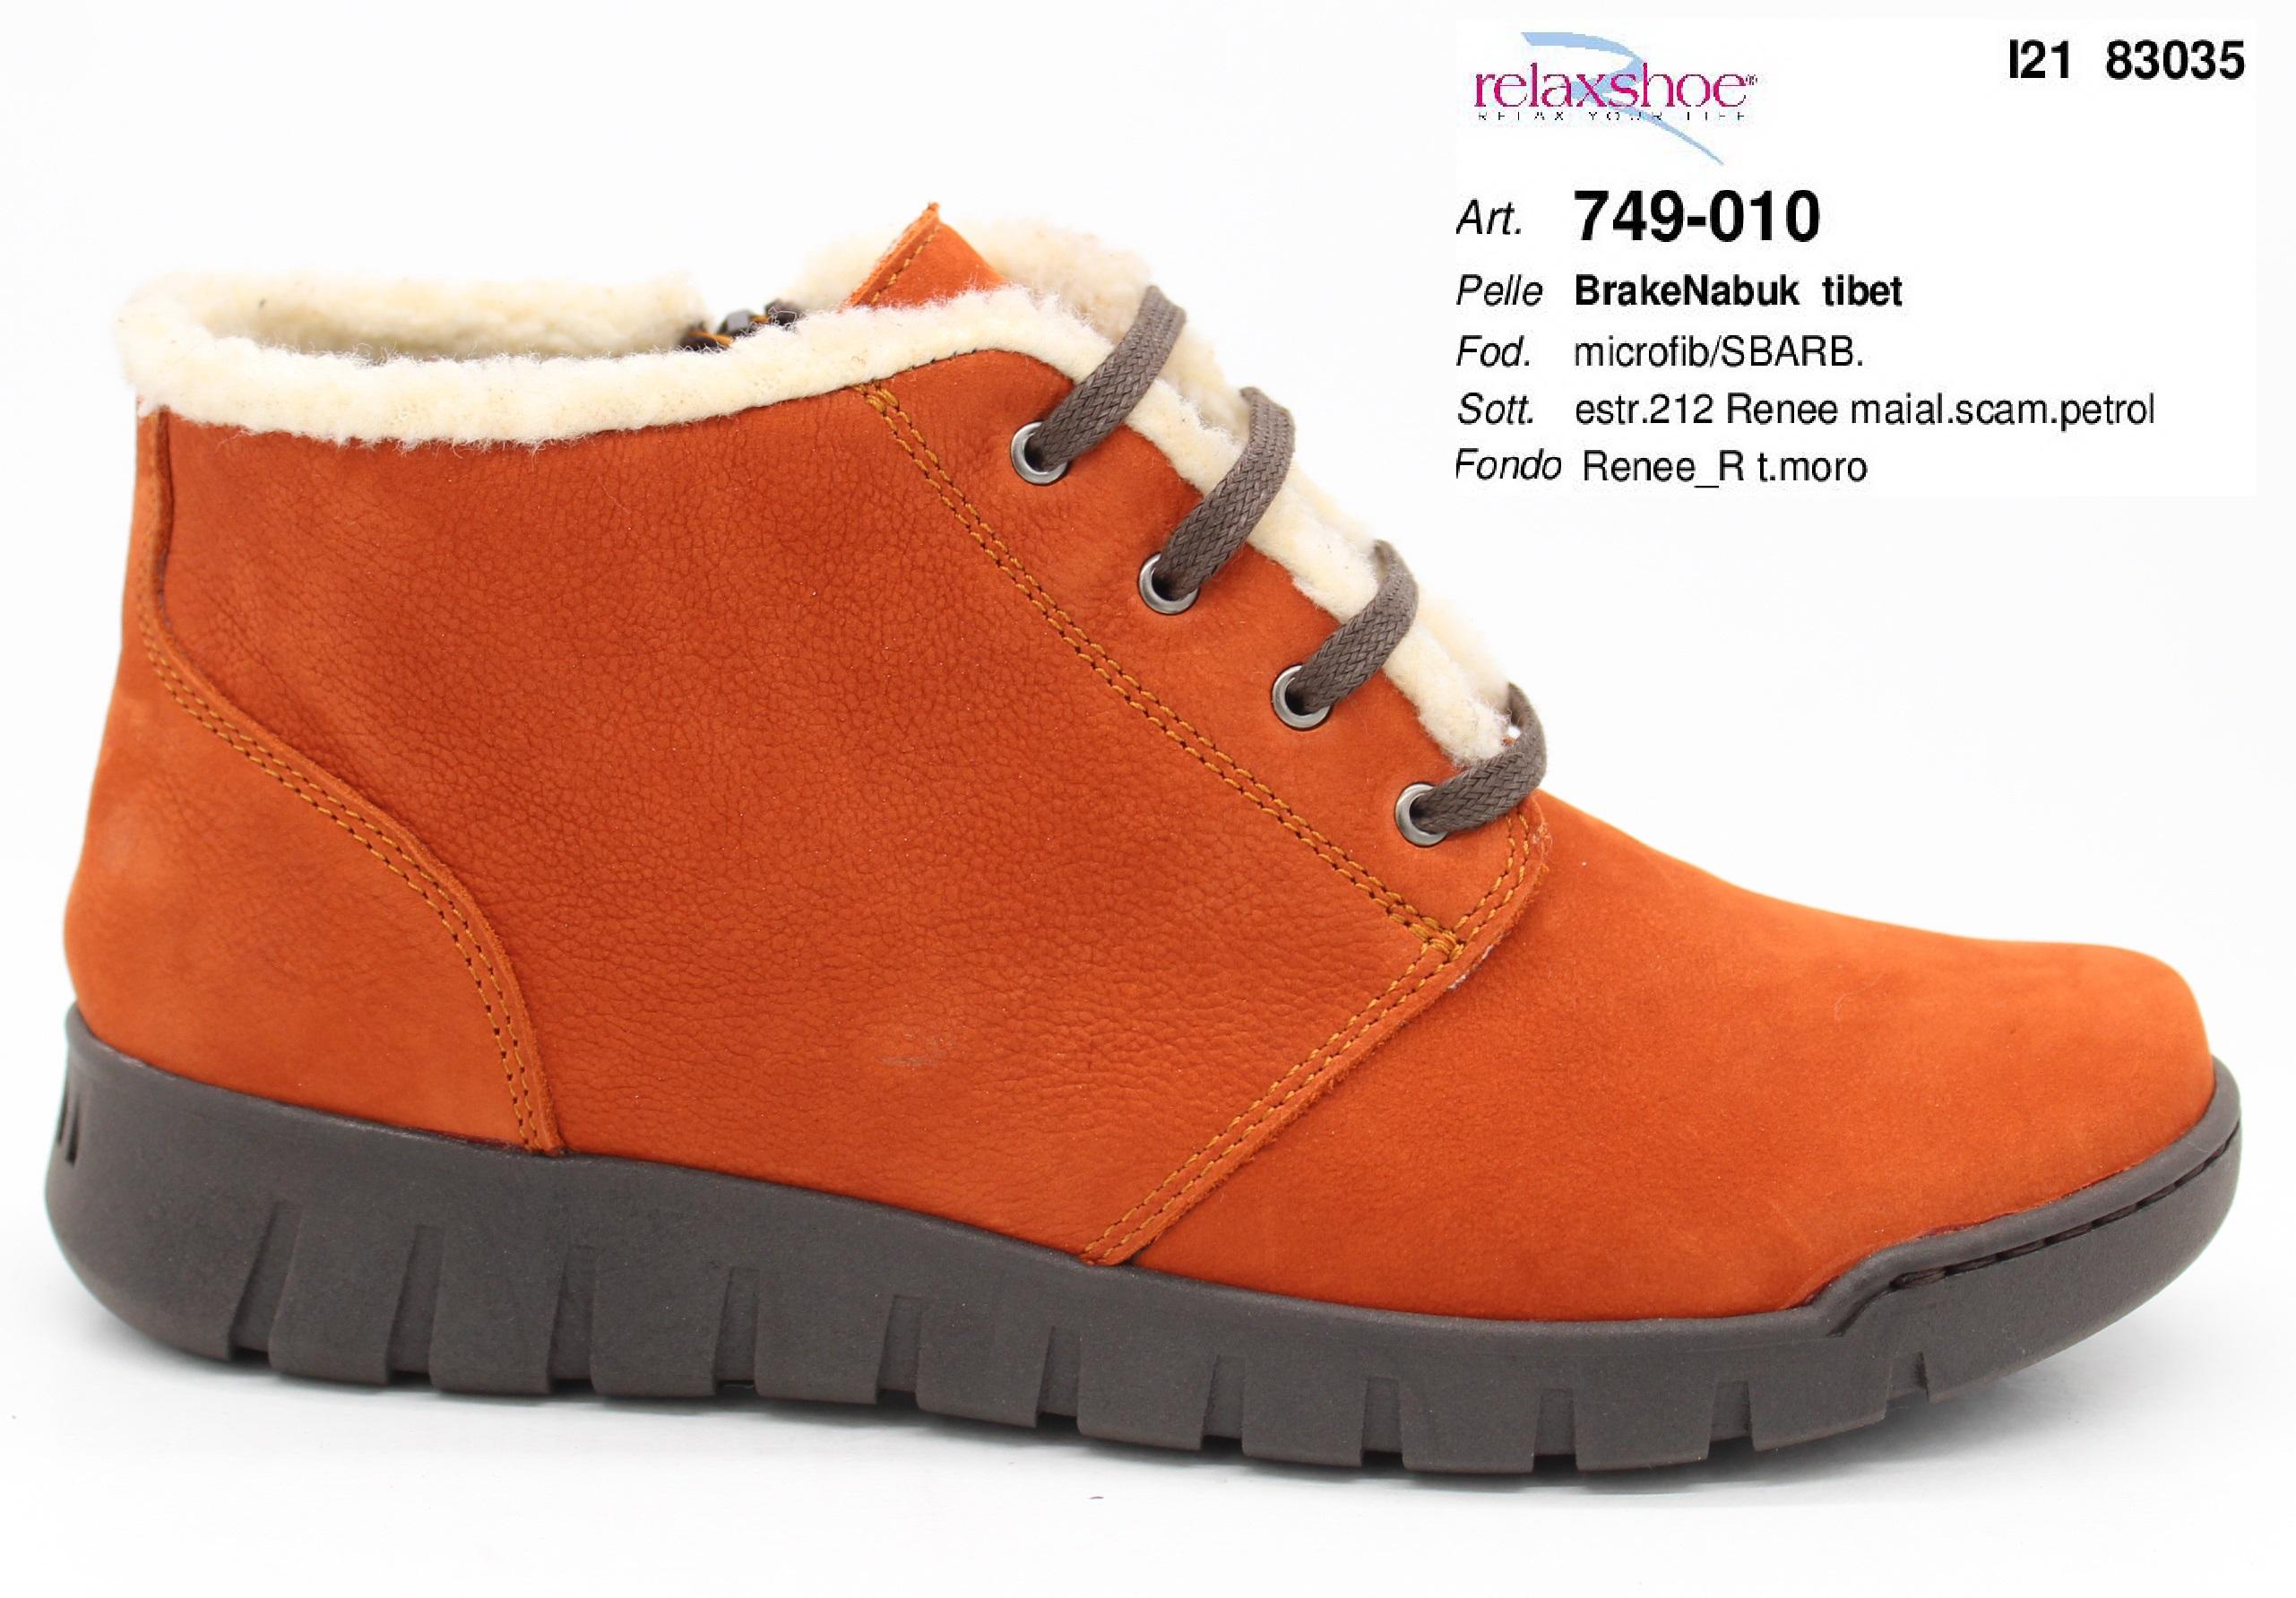 итальянская обувь relaxshoe осень-зима 2021